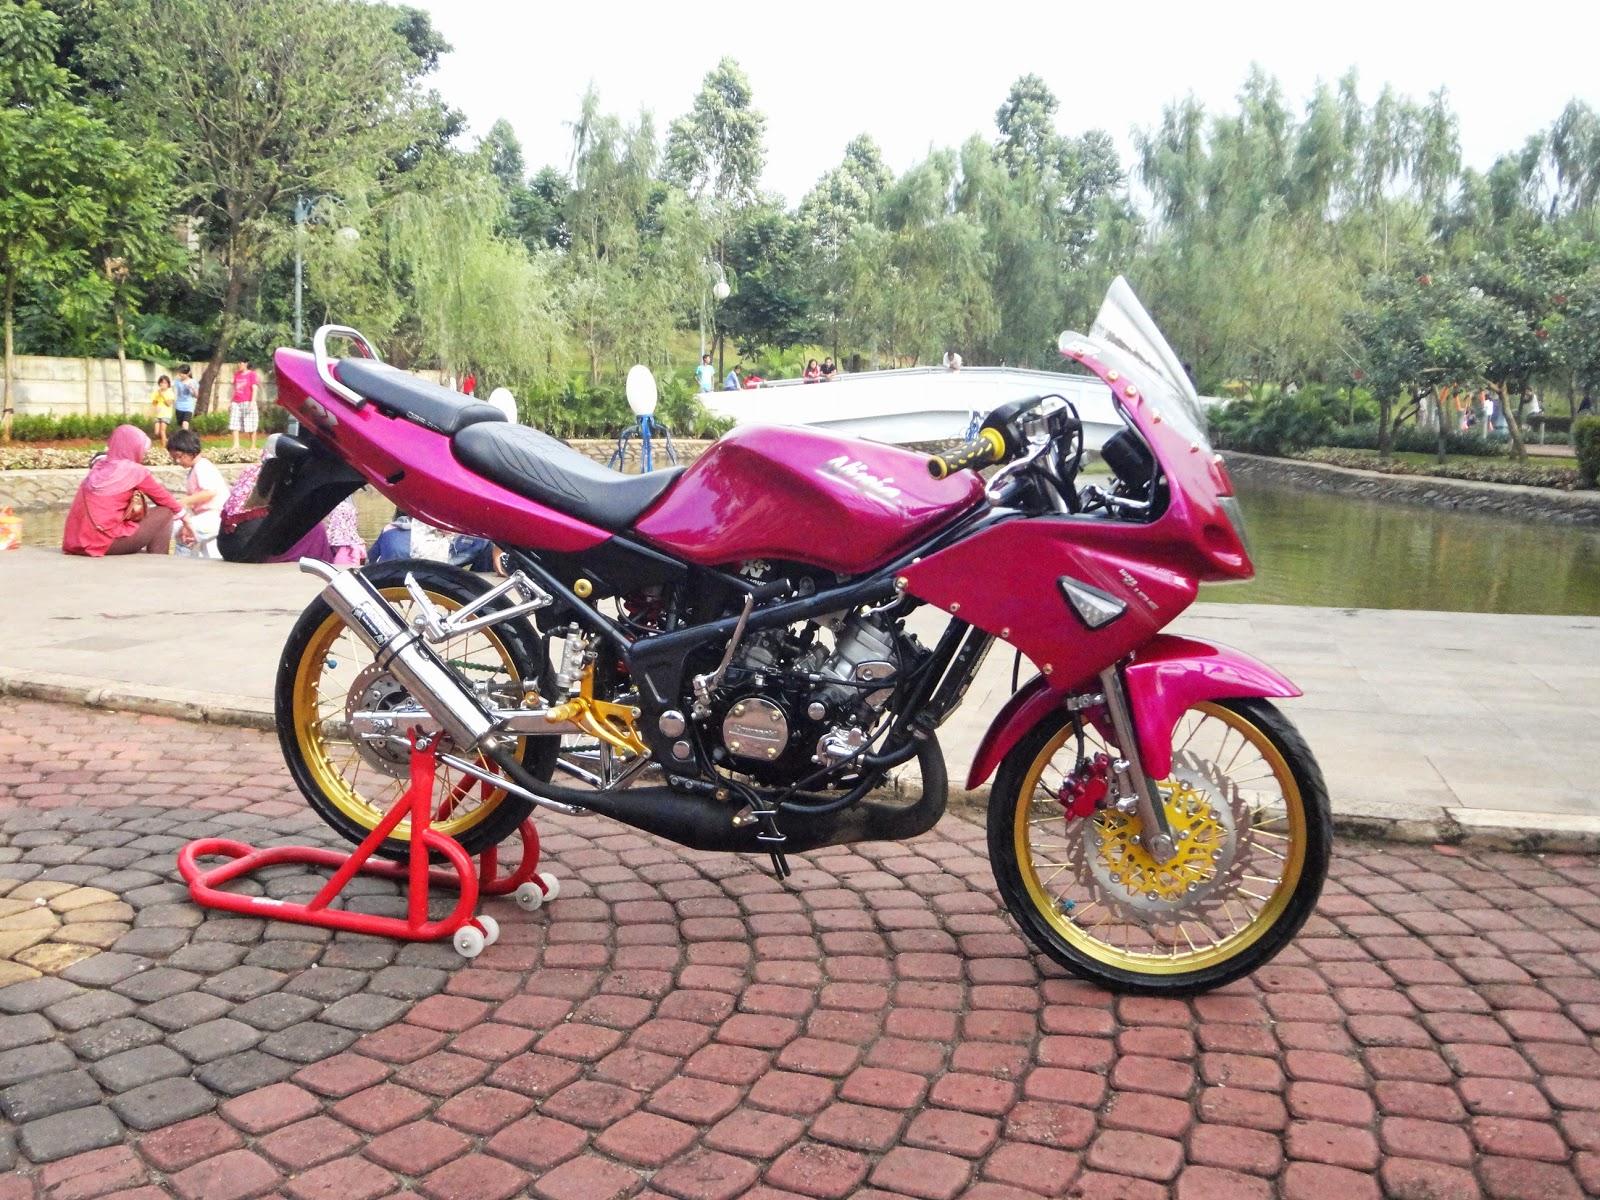 modifikasi minimalis Kawasaki Ninja 150 kadang juga di sebut ninja rr.